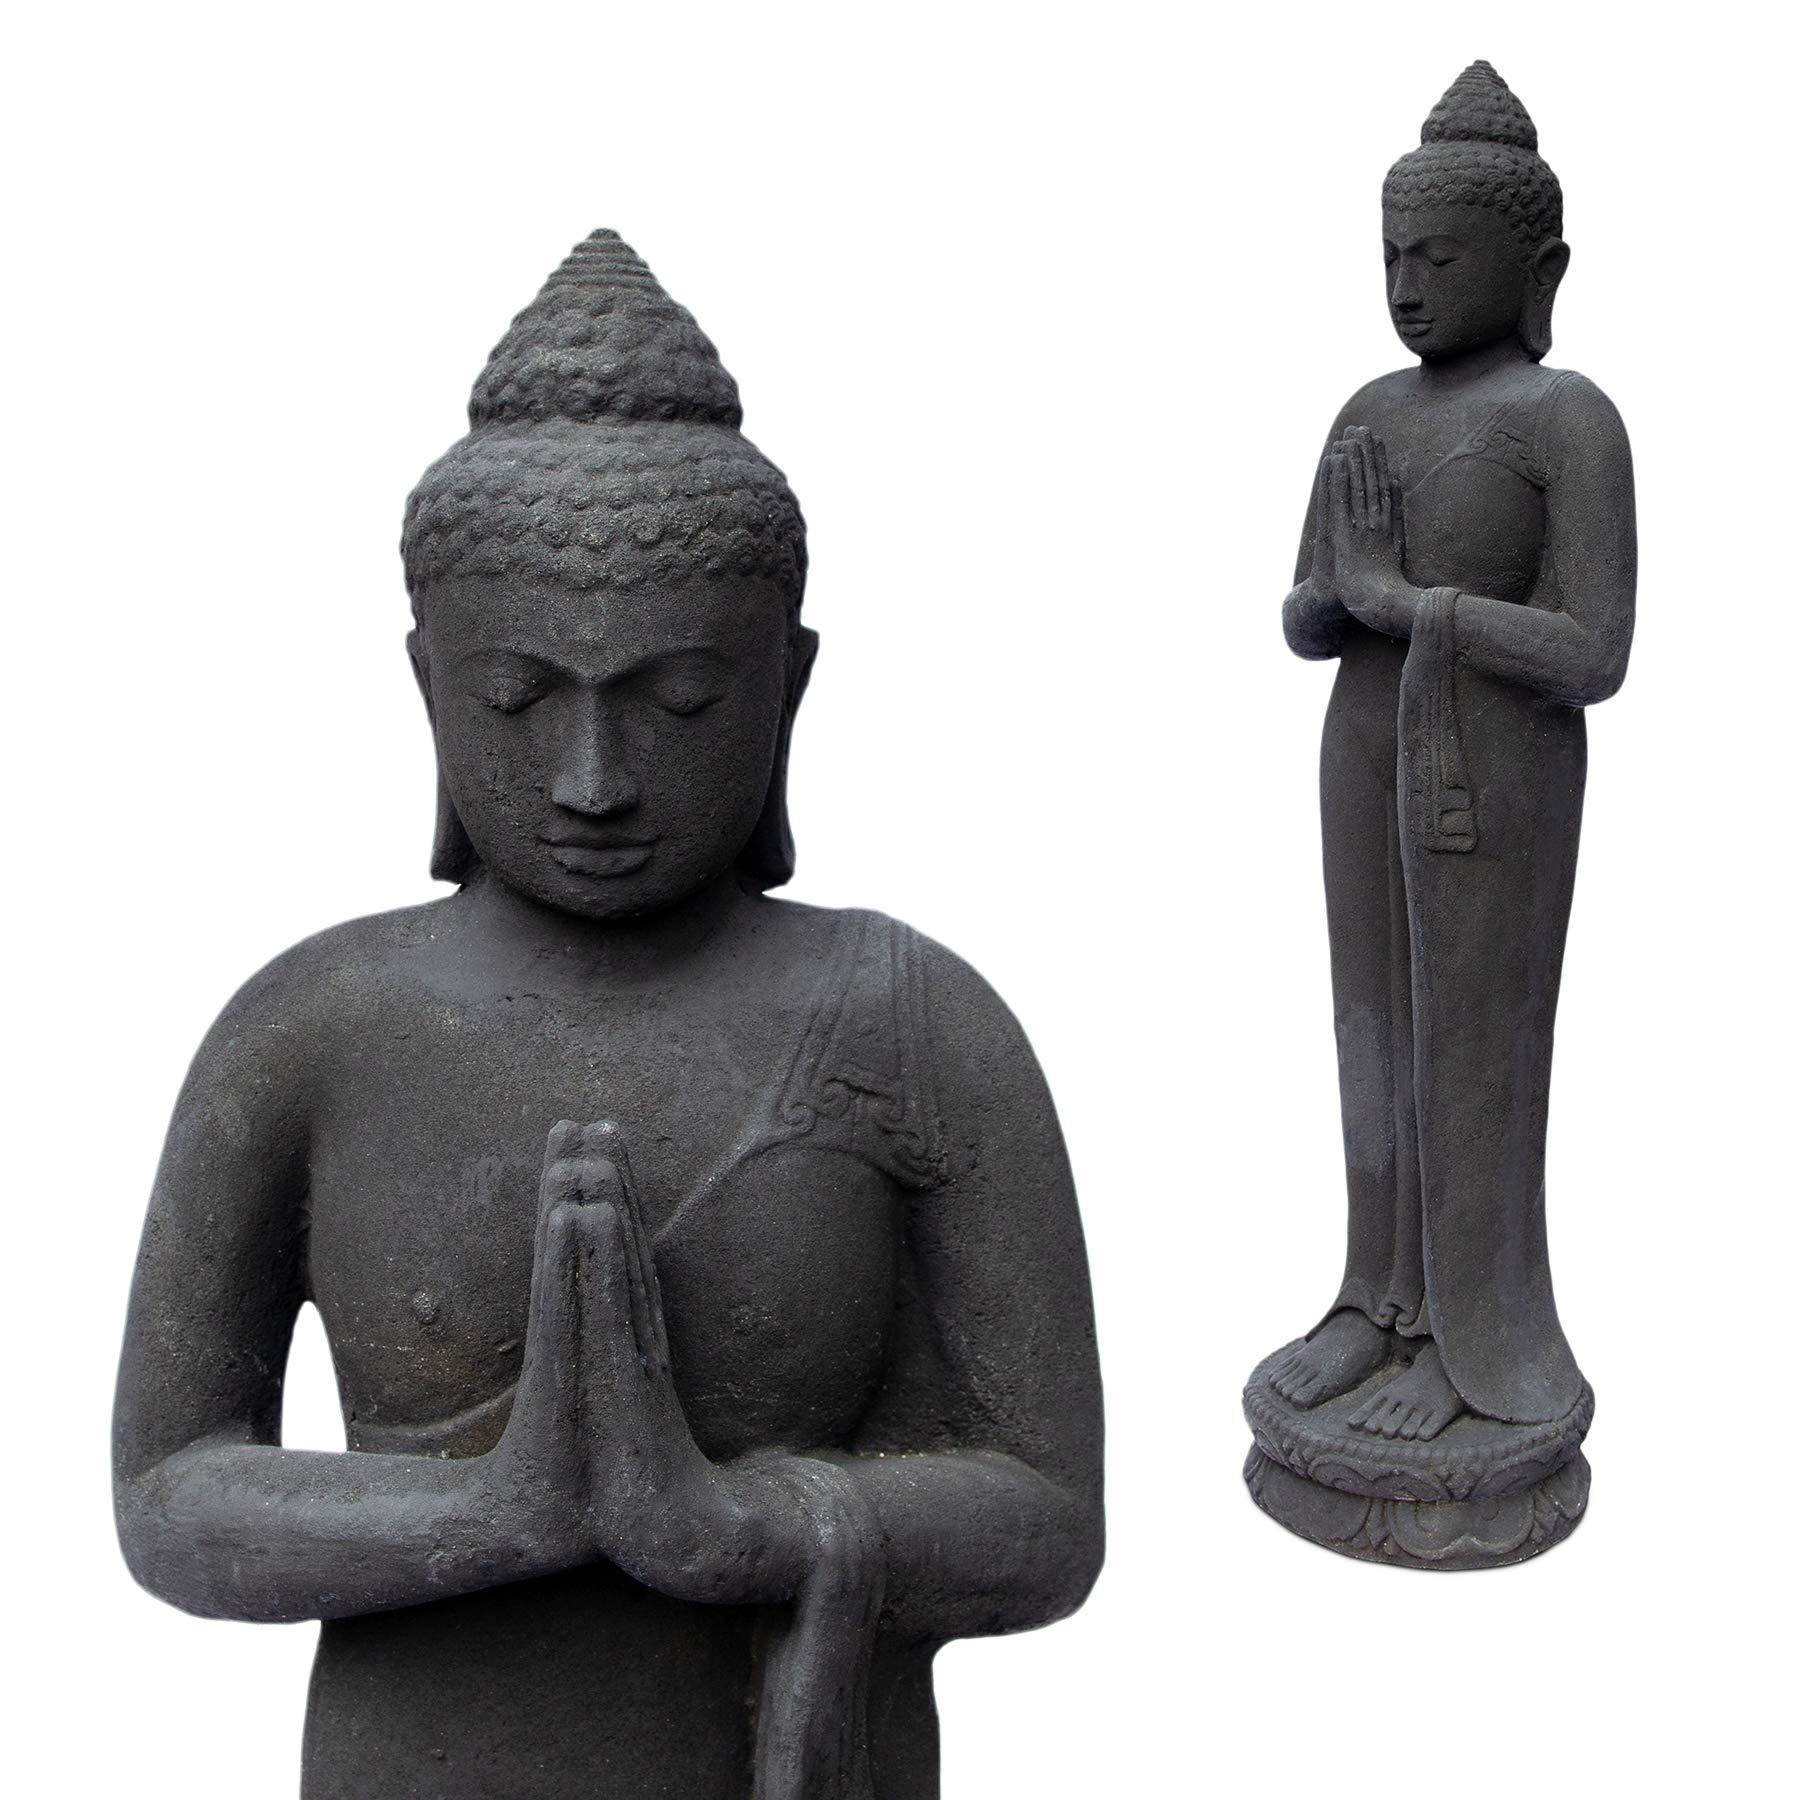 FaHome - Figura de Buda (piedra, para jardín, arena de lava, 120 cm, resistente a las heladas, fundición maciza), color negro: Amazon.es: Hogar